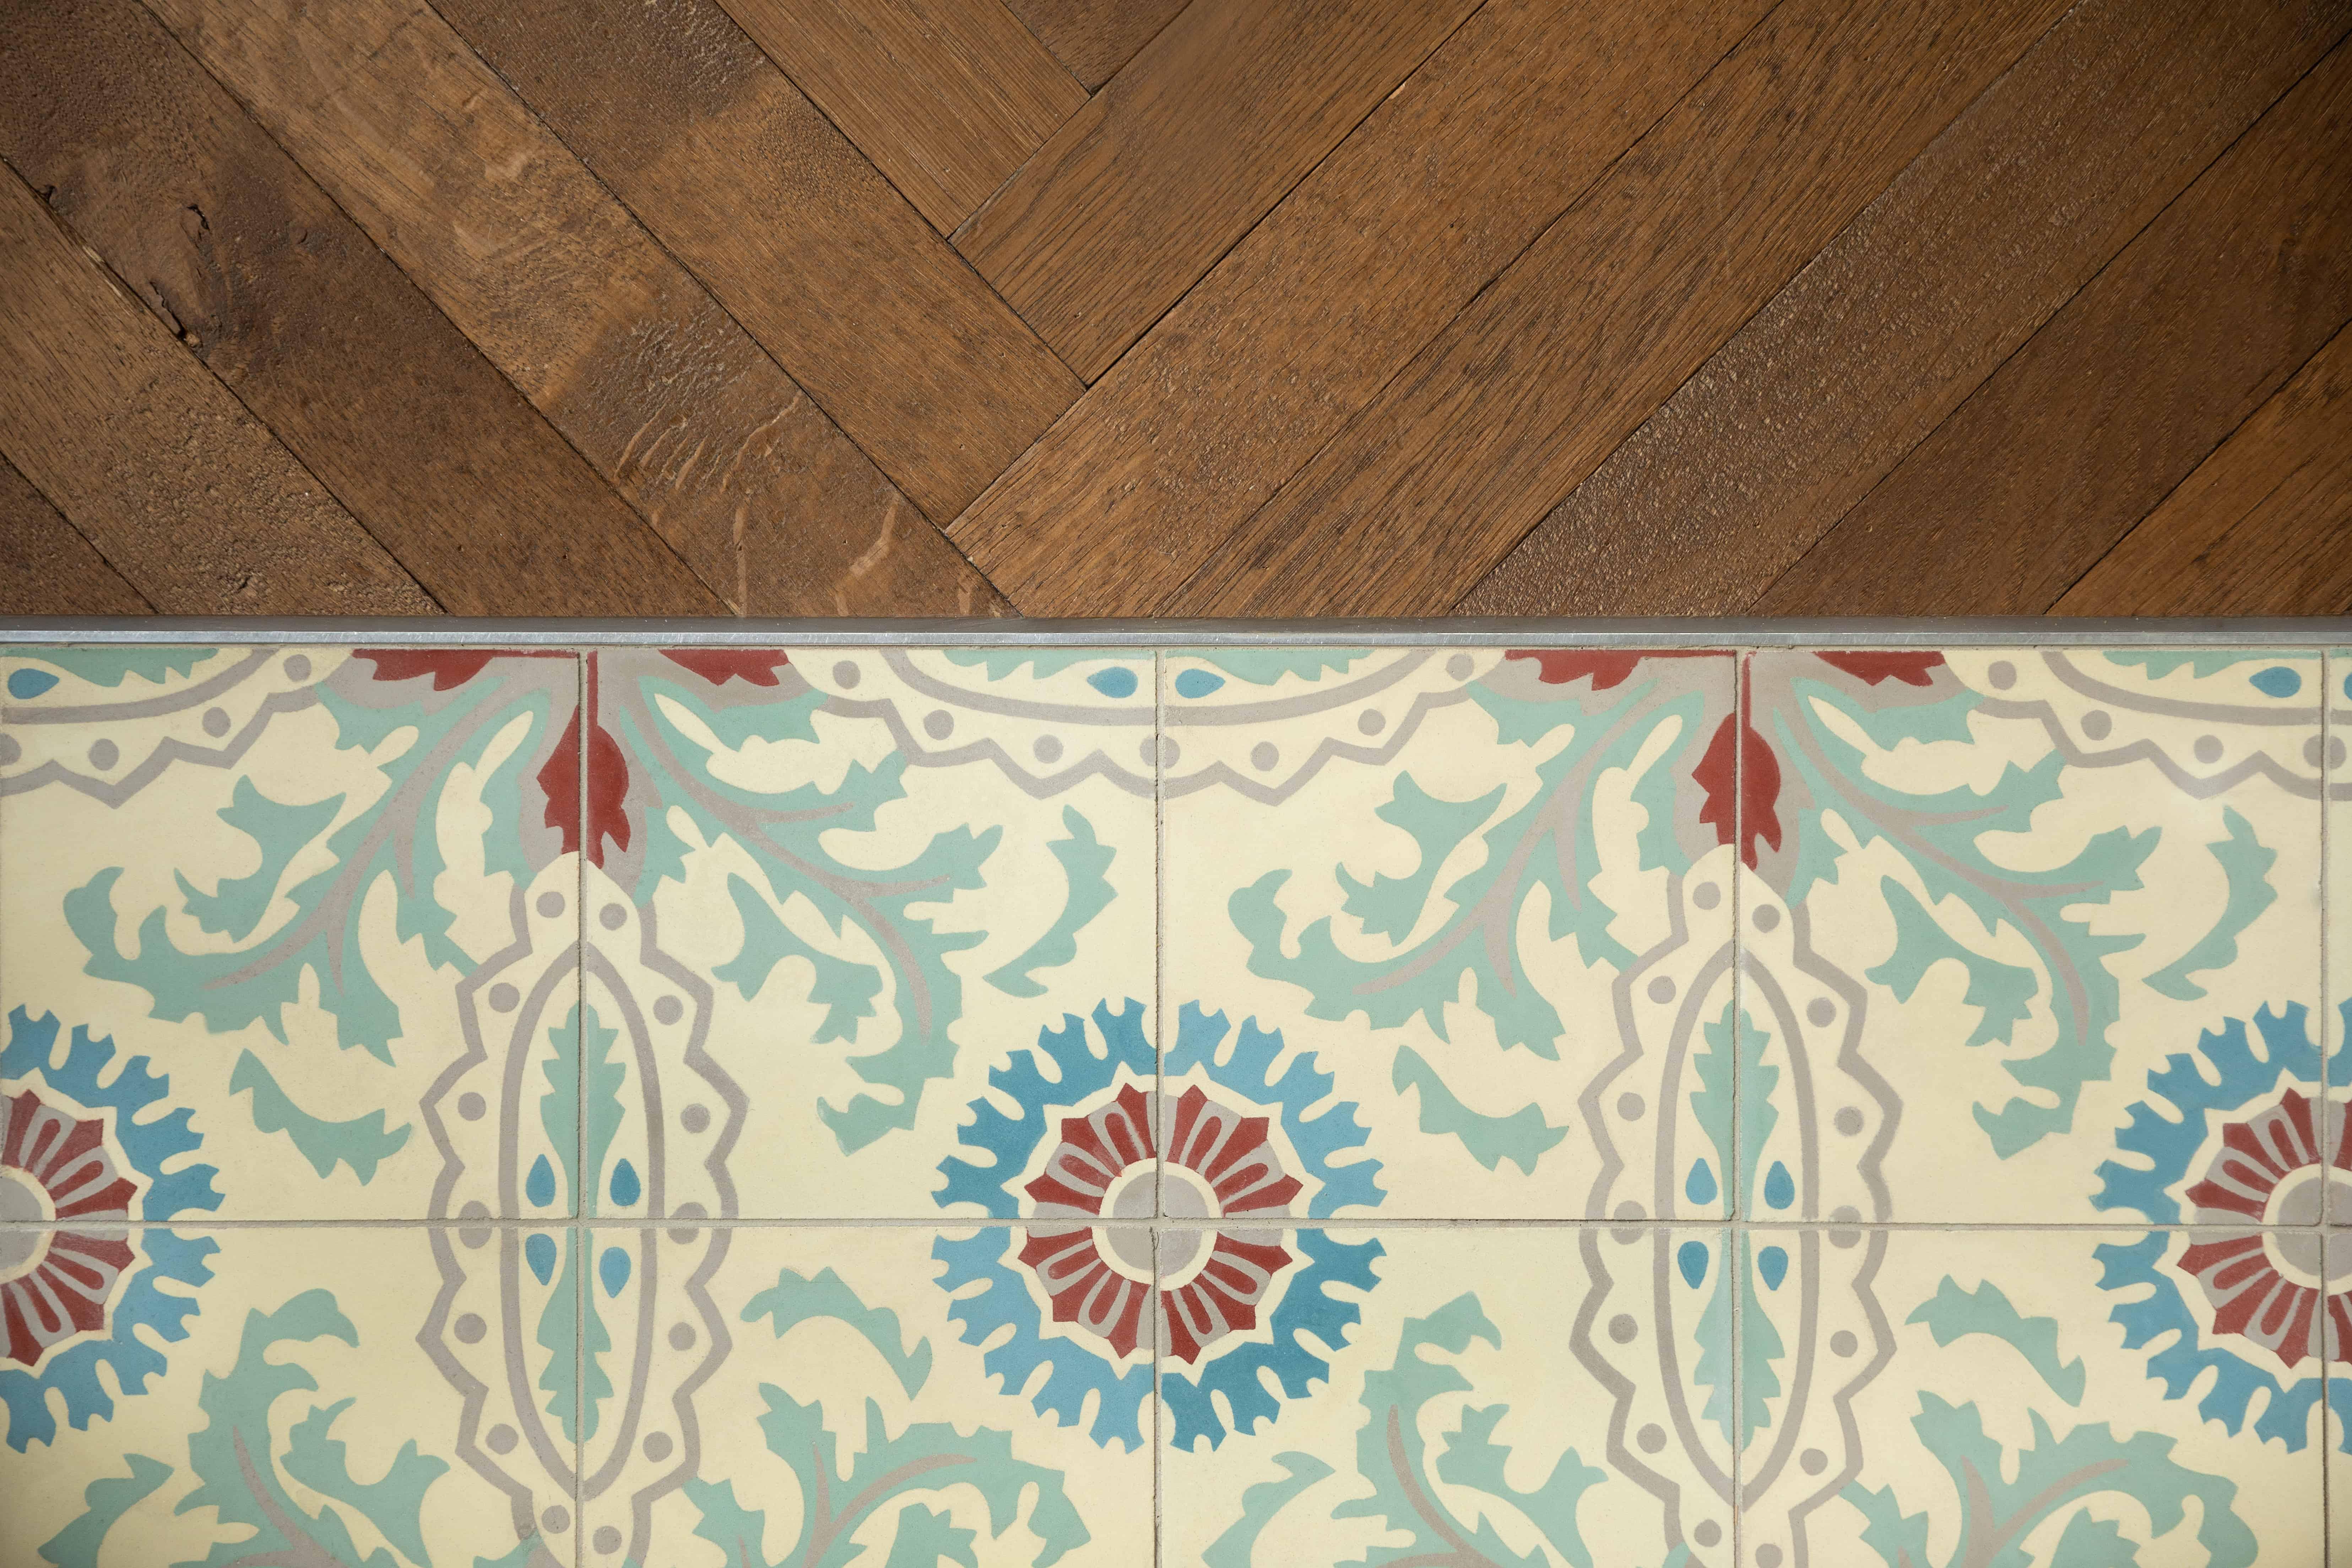 Tegels met origineel retro motief - kleine klassieke tegels naast houten vloer - Gistel